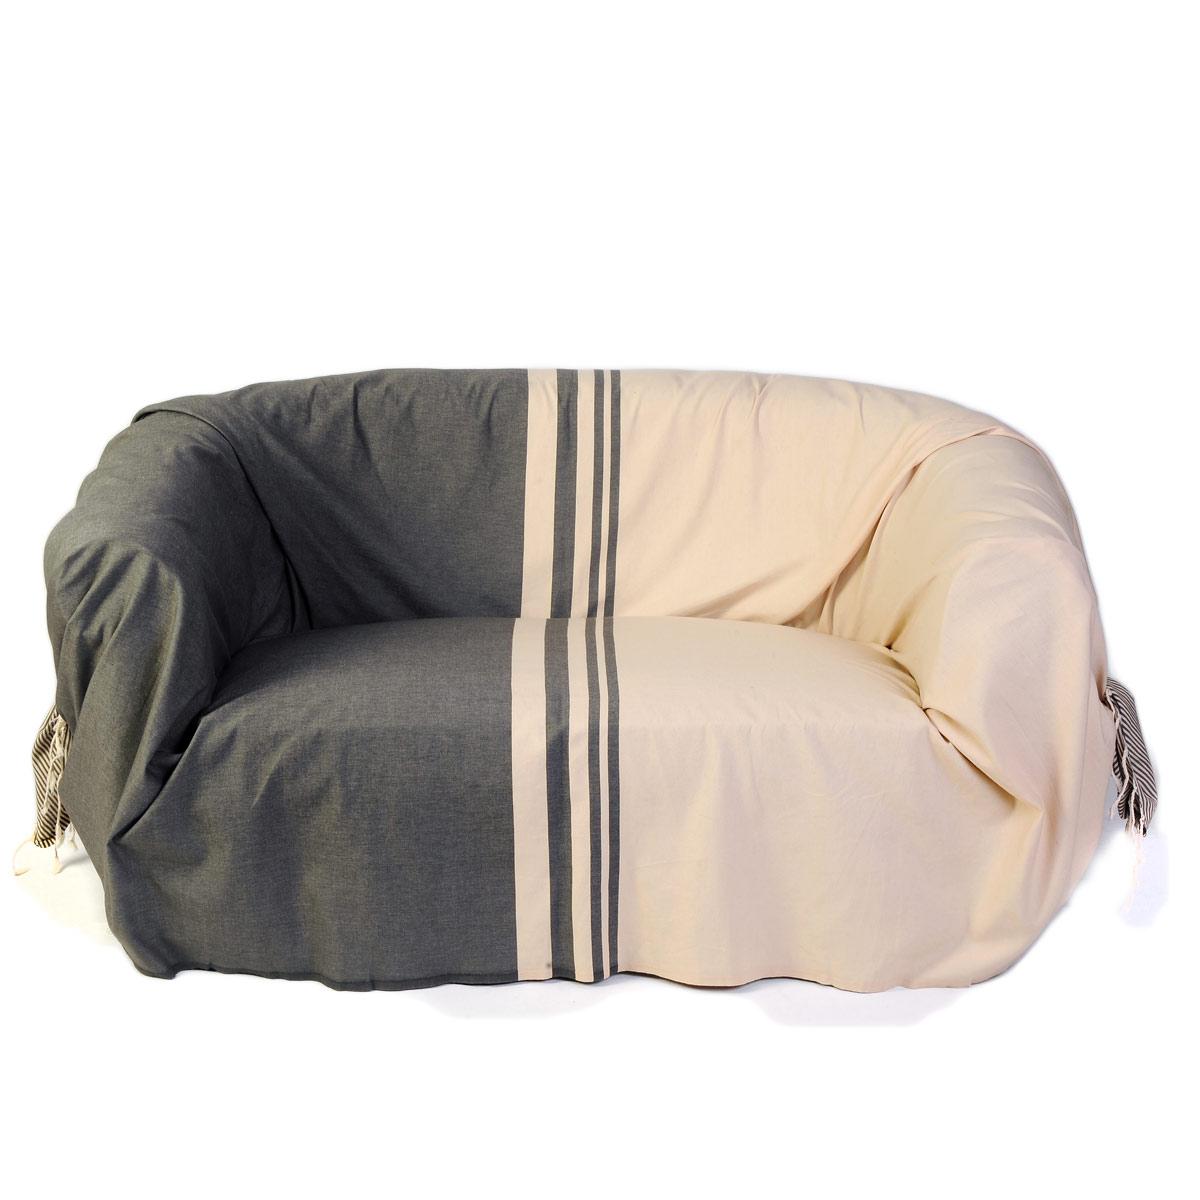 TANGER - Jeté de canapé 100% coton rayures écru et taupe 200 x 300